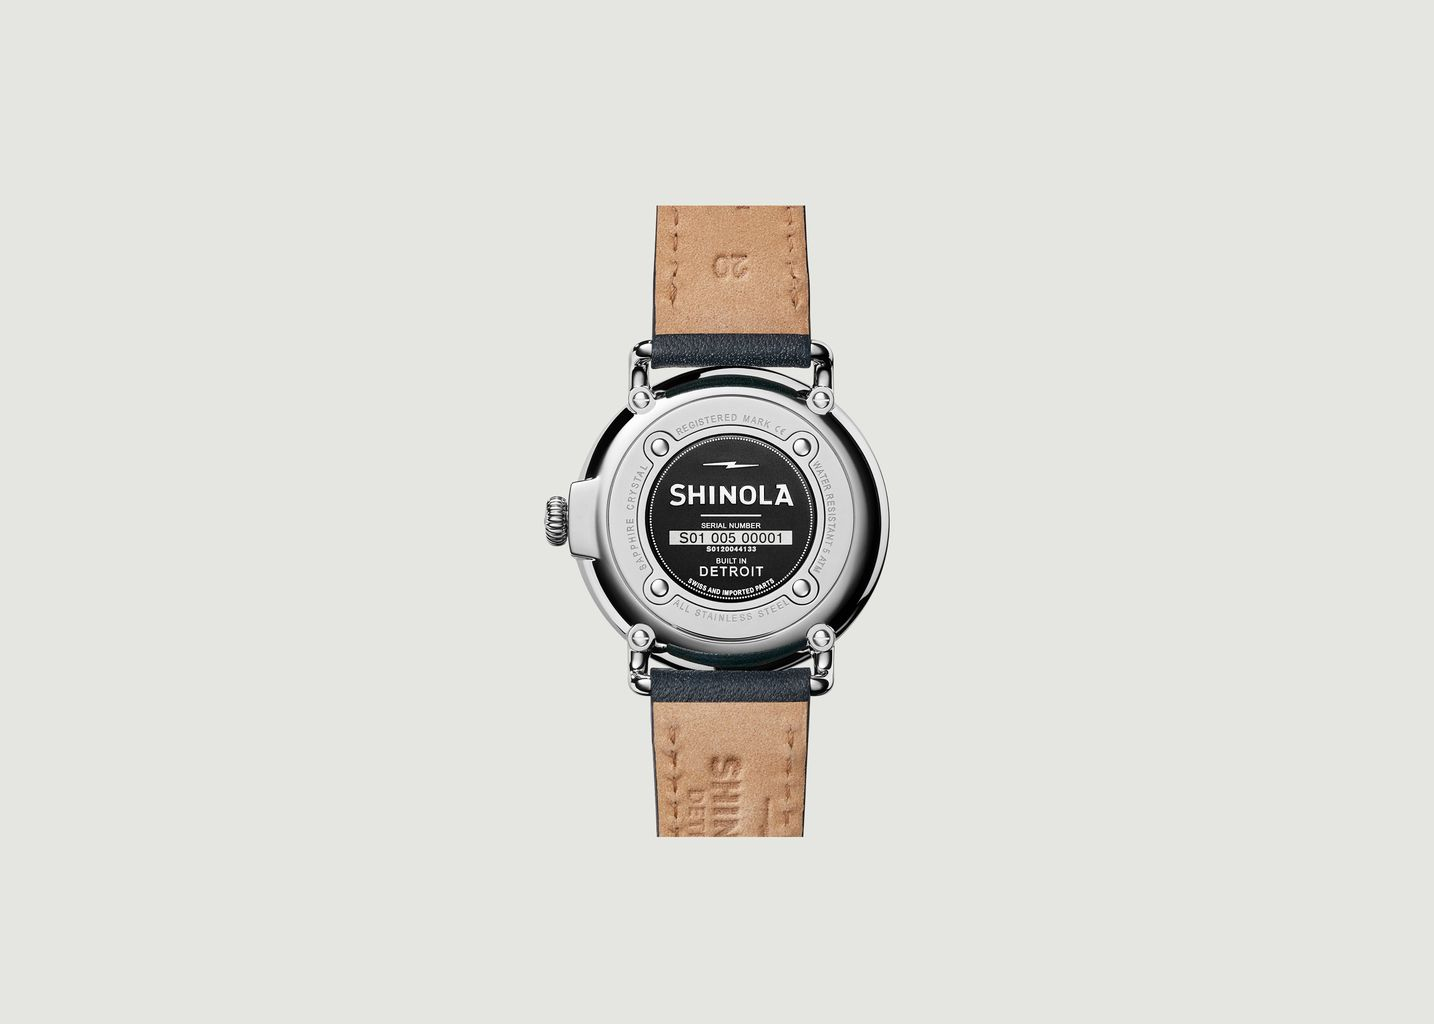 Montre Runwell 41 mm - Shinola